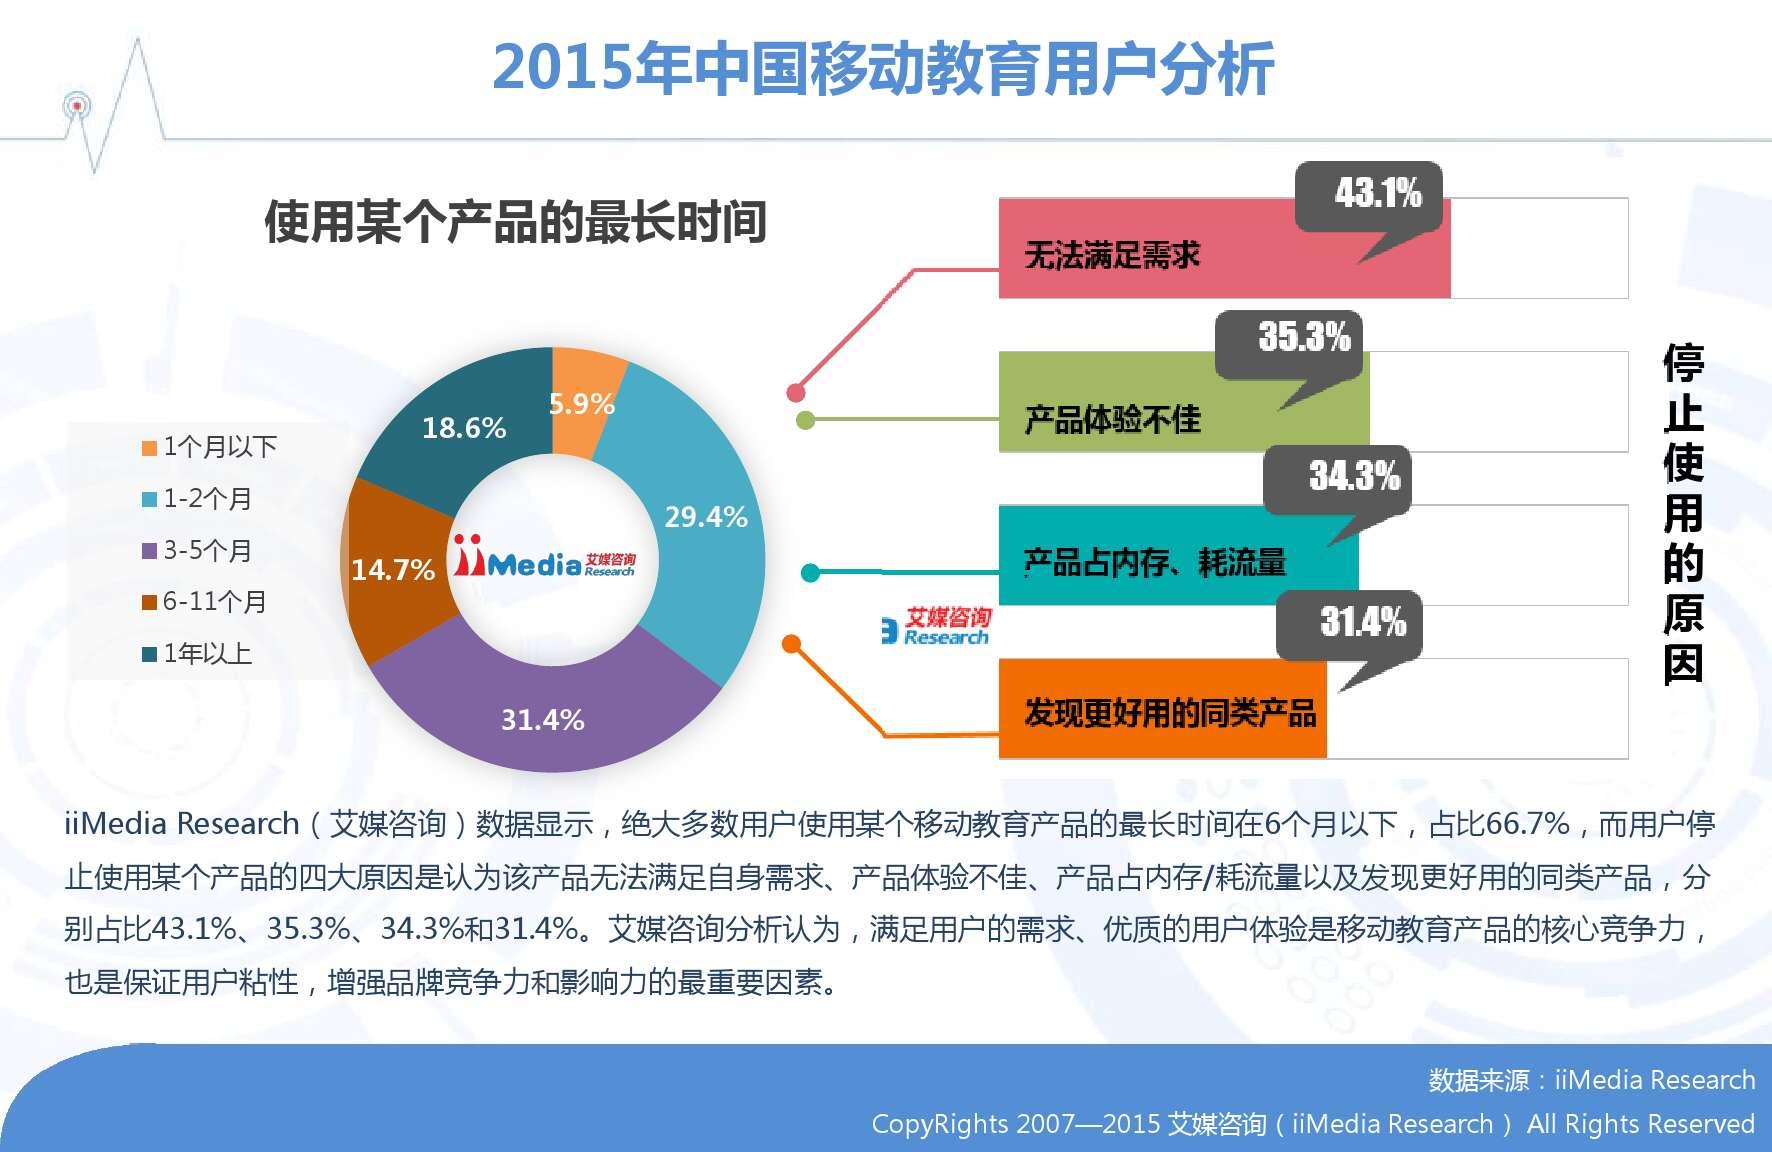 2015-2016年中国移动教育市场研究报告_000022